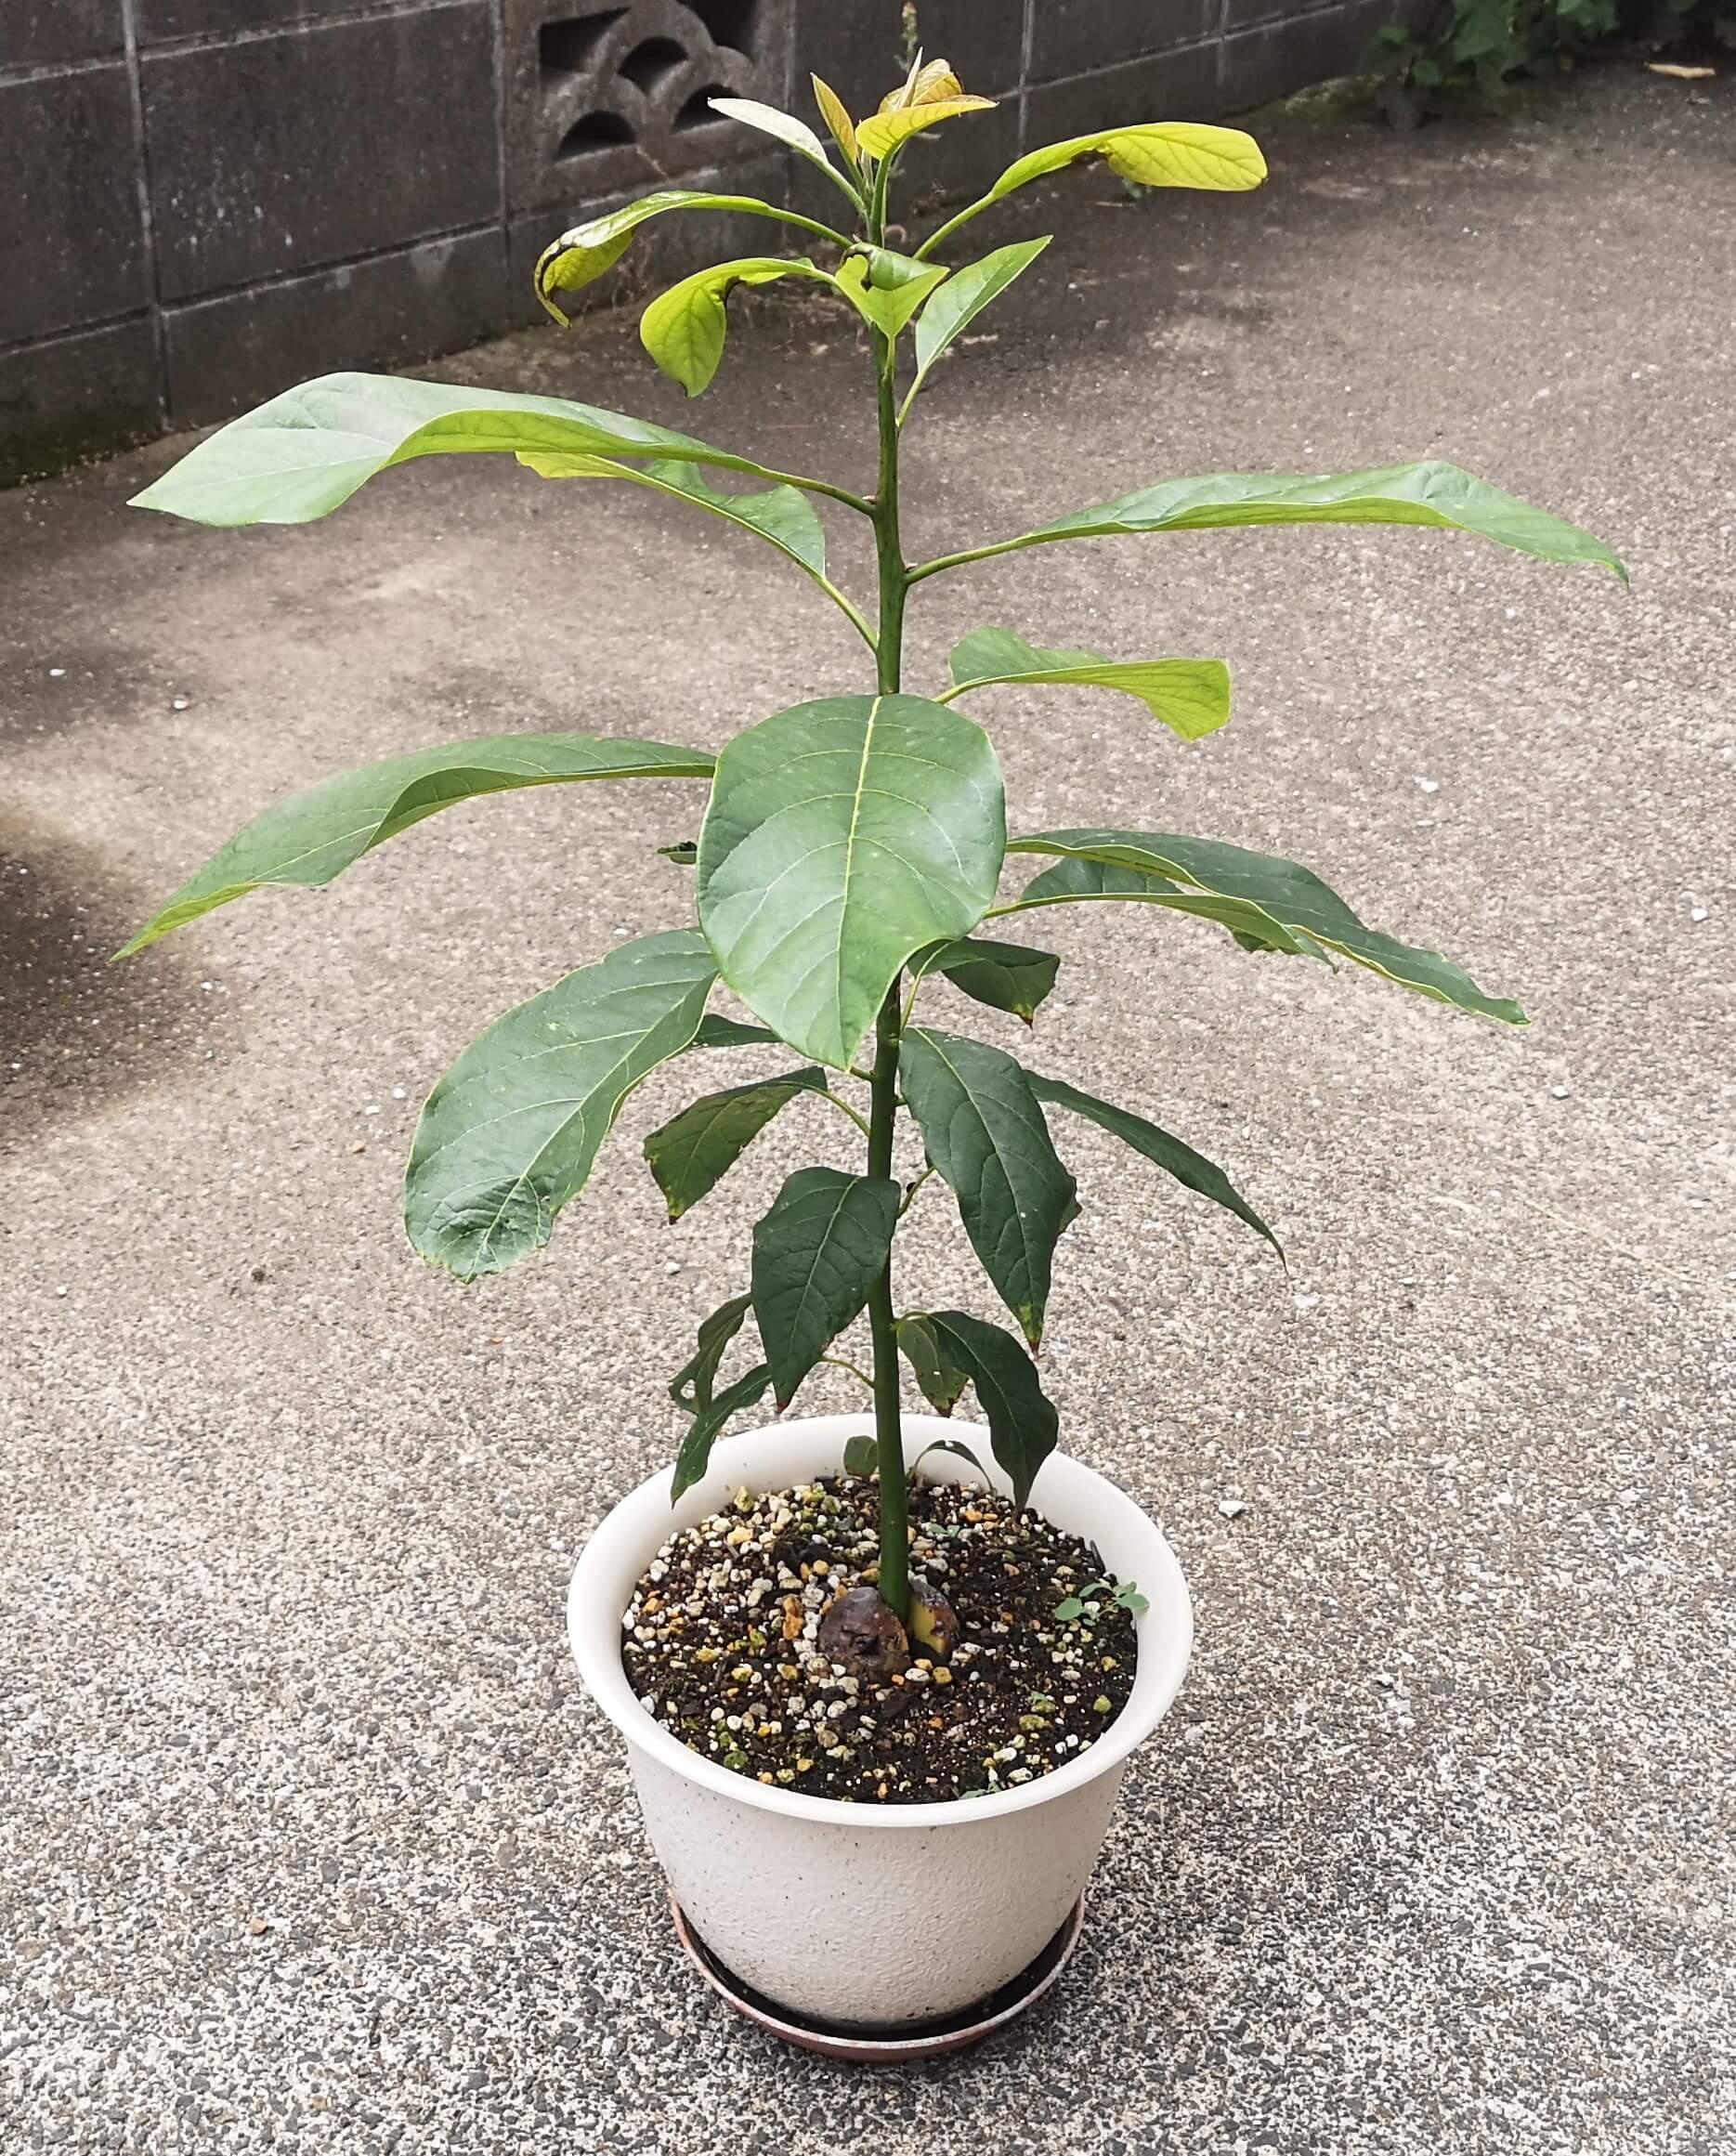 葉の大きさと主枝の長さがバランスよく成長している直植えアボカド